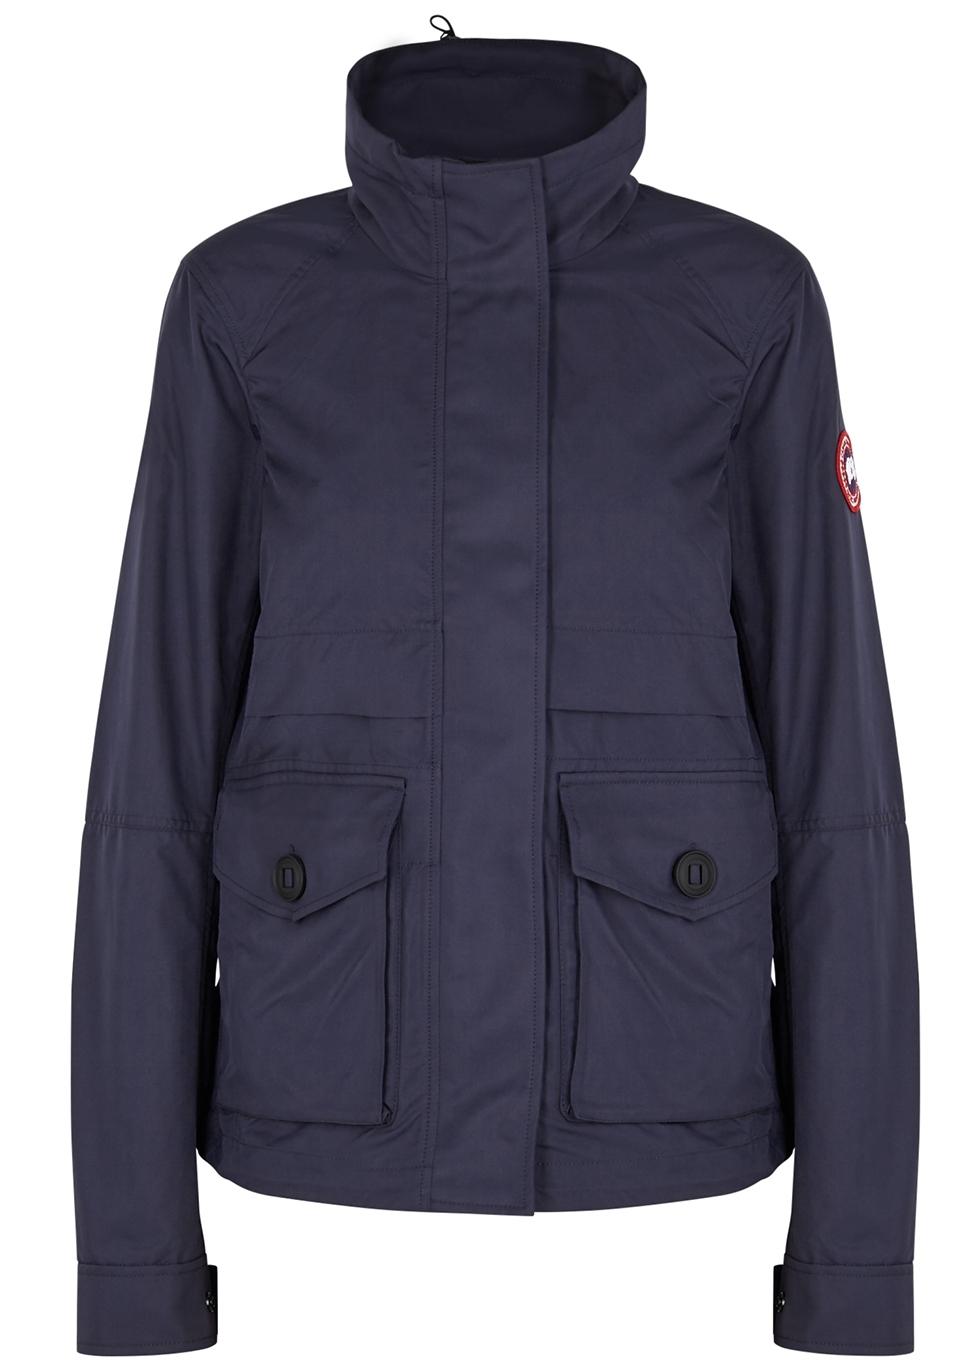 b2a215890c182c Canada Goose - Designer Jackets   Coats - Harvey Nichols